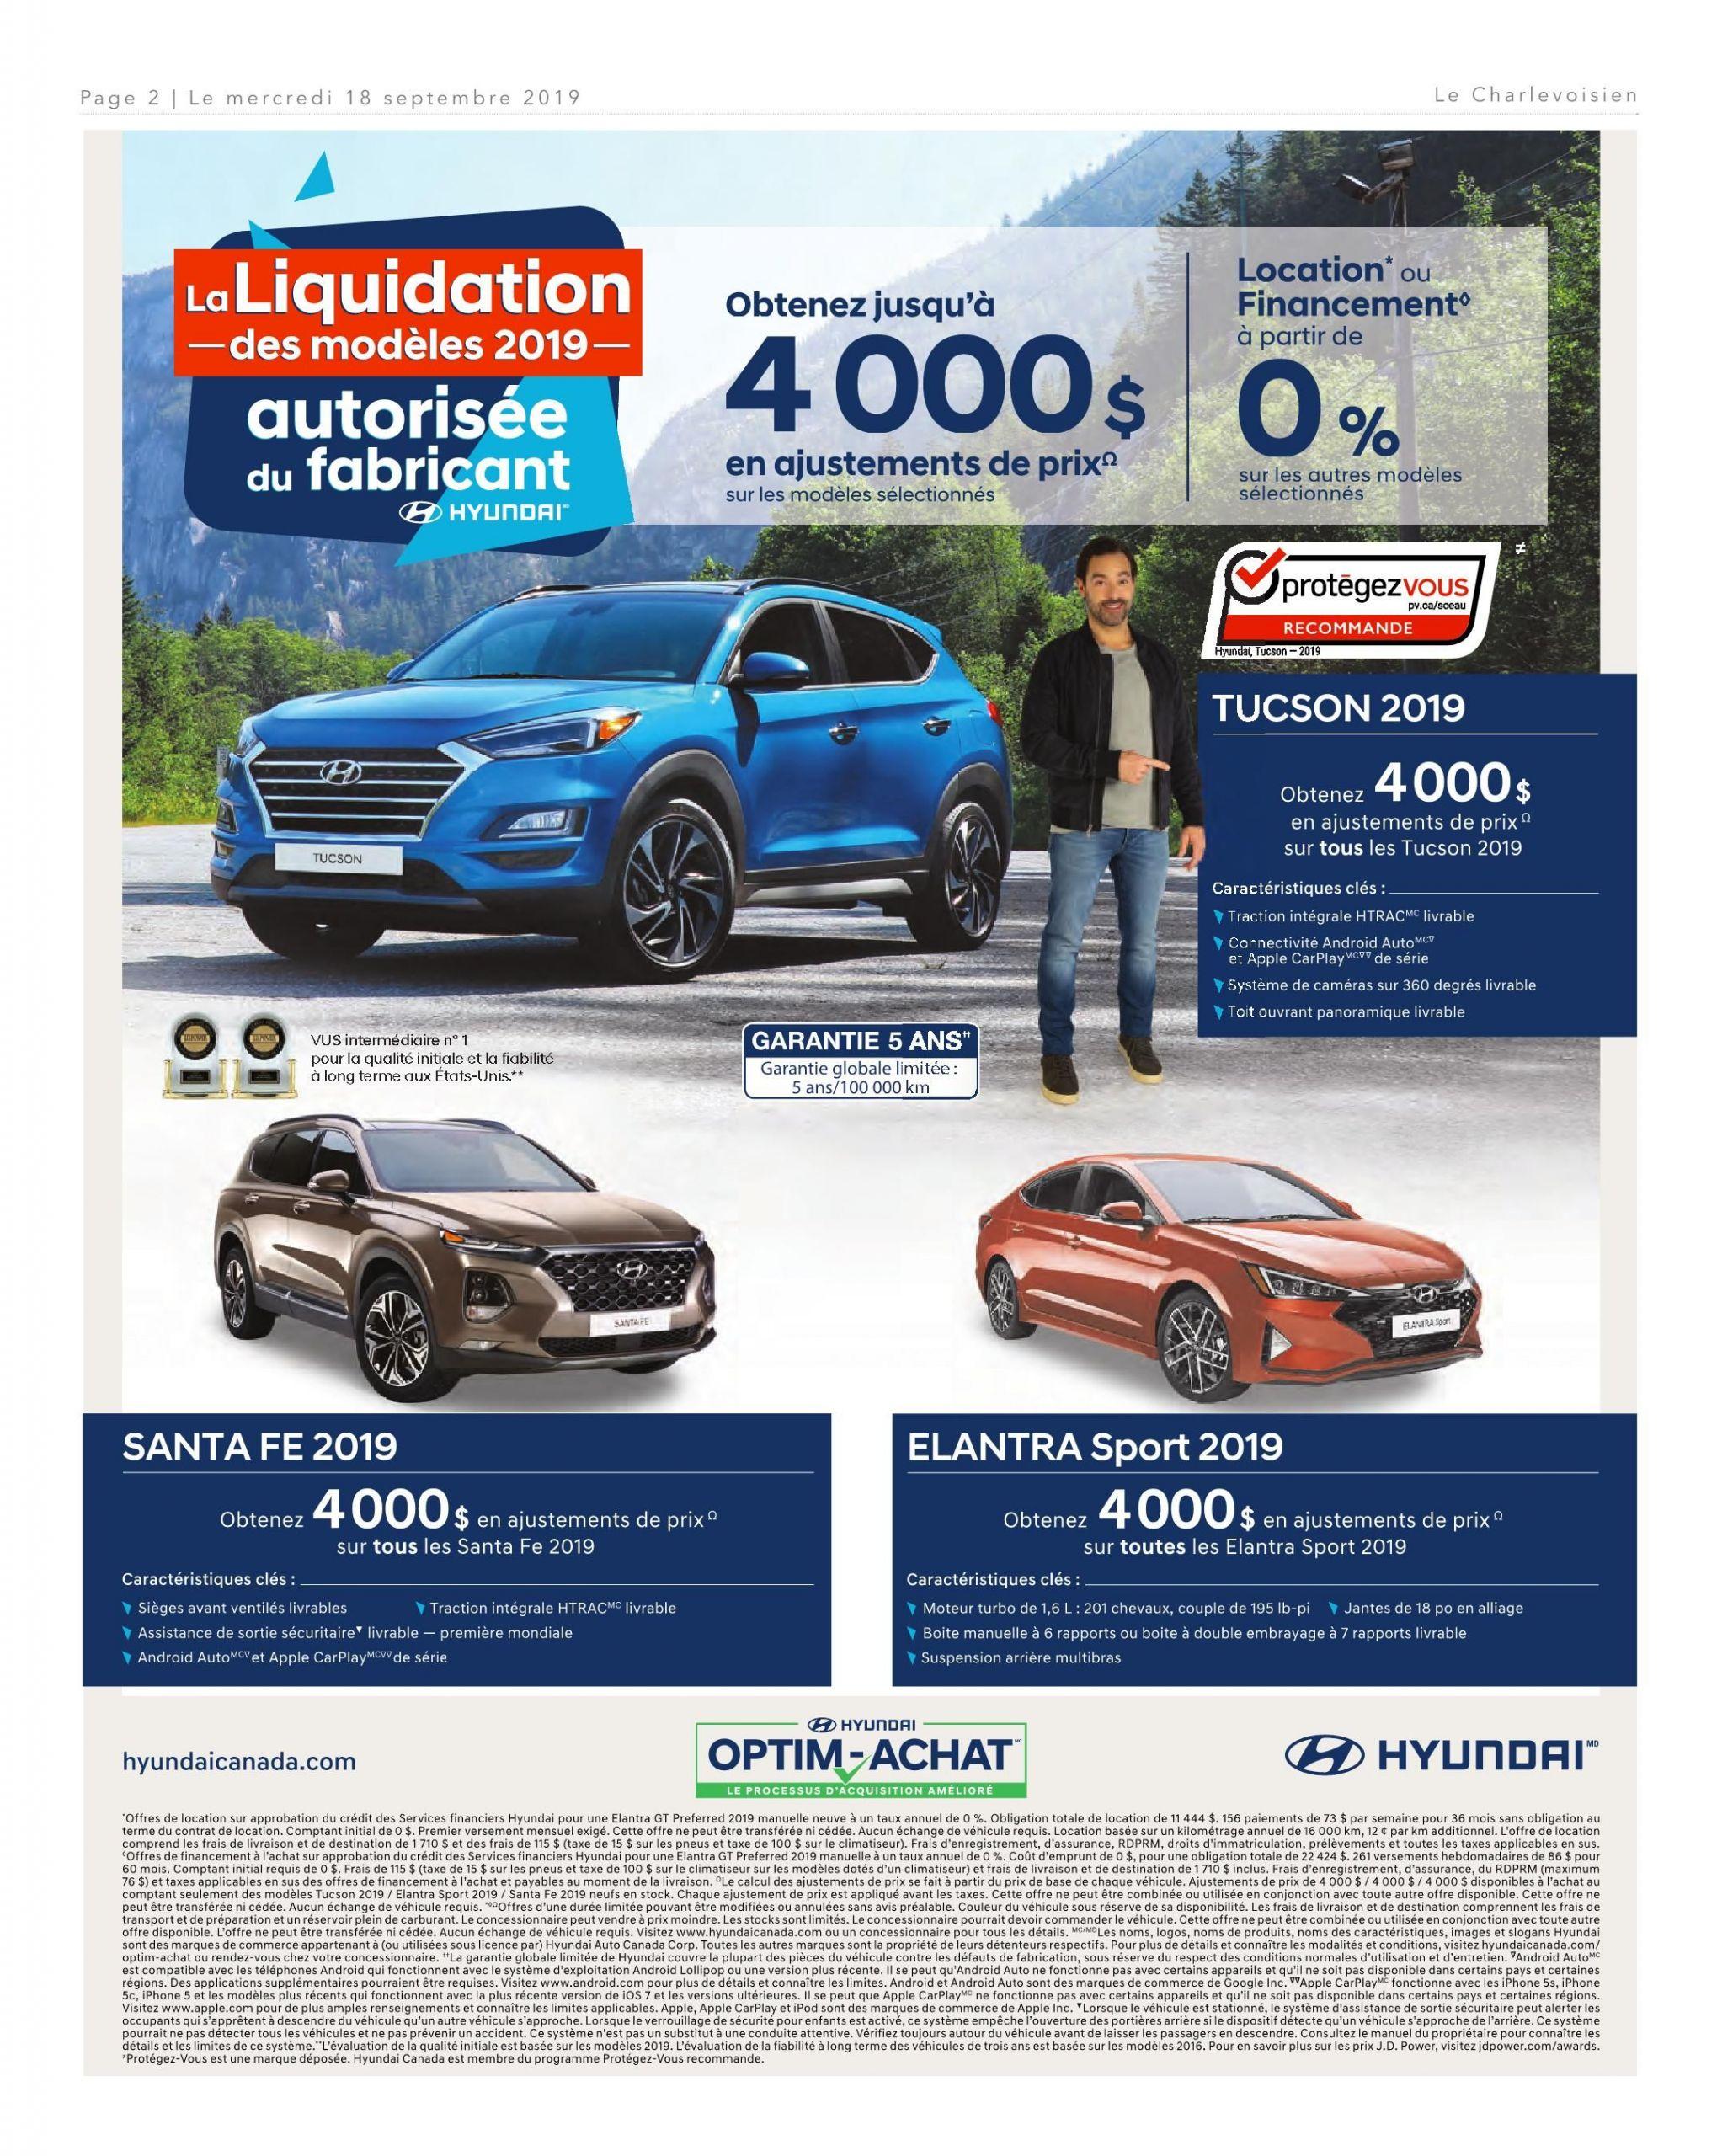 Salon Mobilier De France Beau Le Charlevoisien 18 Septembre 2019 Pages 1 40 Text Of 39 Best Of Salon Mobilier De France